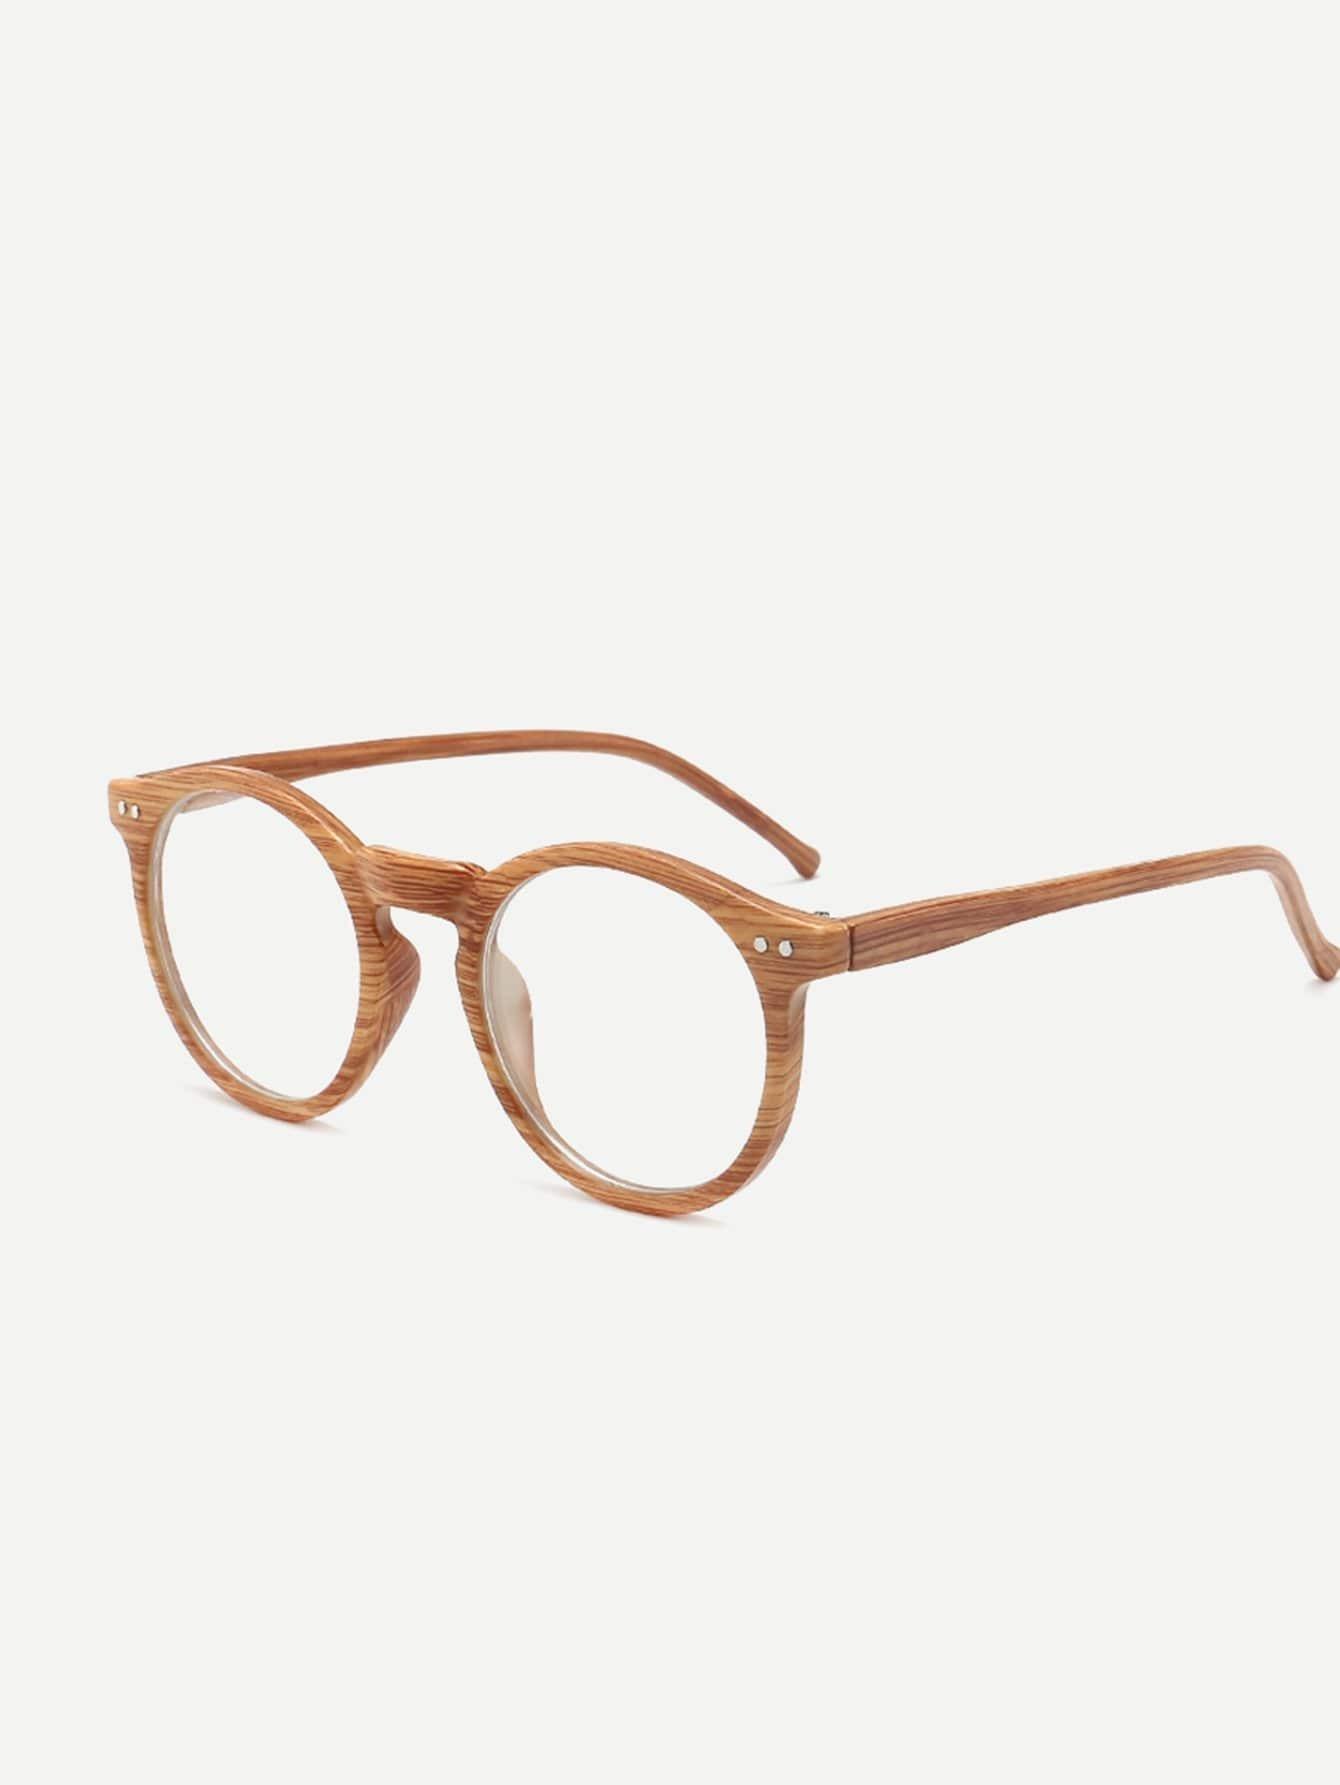 Brille mit Holz Rahmen und runder Linse - German romwe